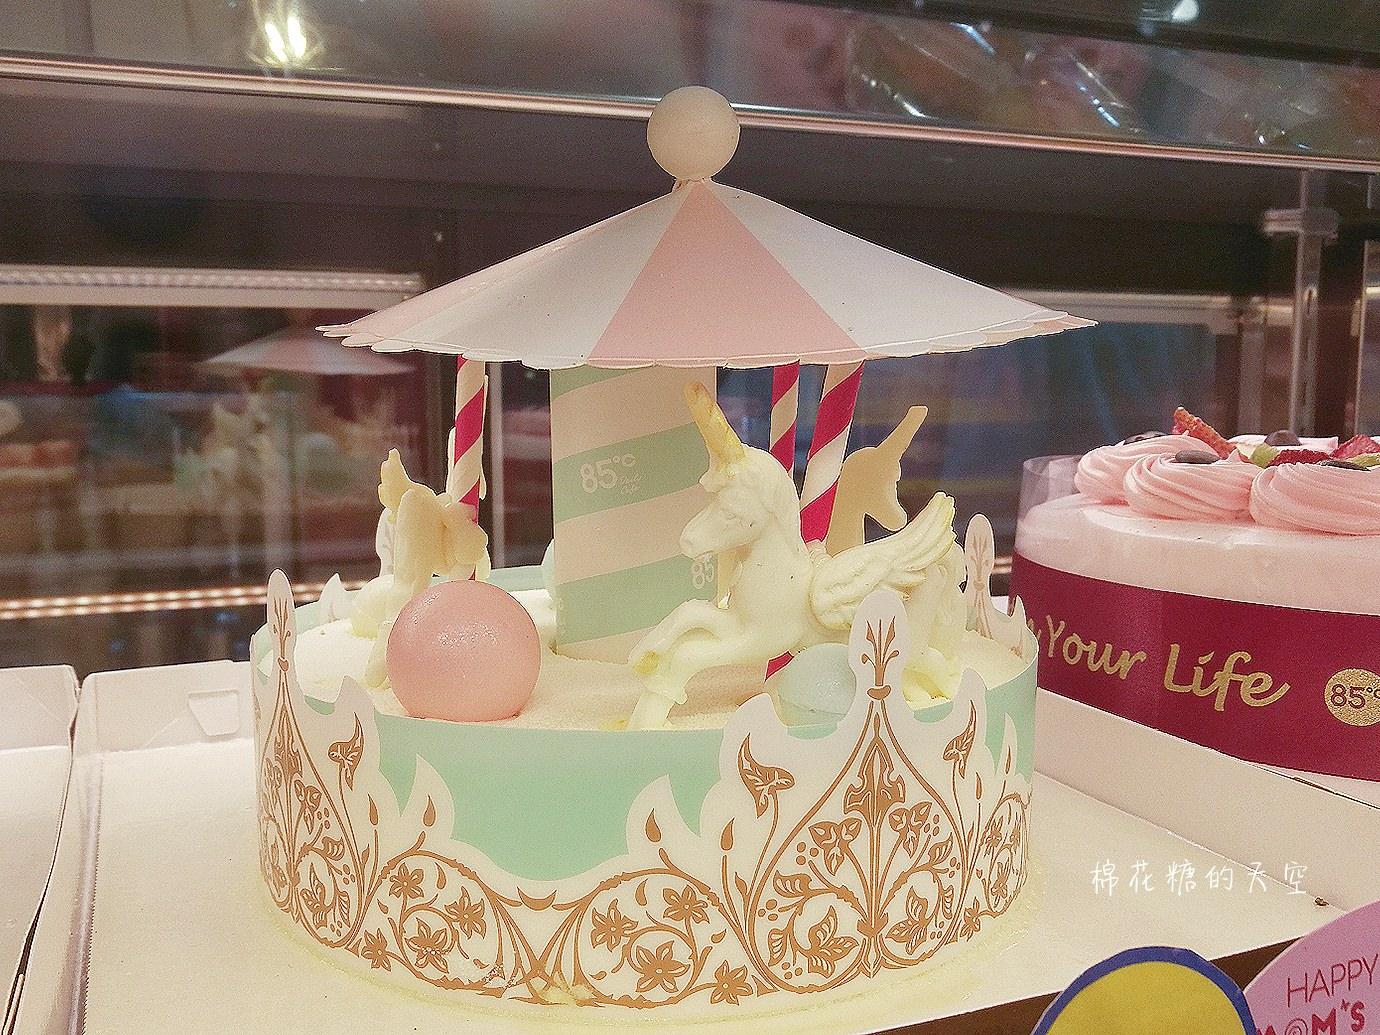 浮誇系母親節蛋糕!同場加映超萌白爛貓插畫杯